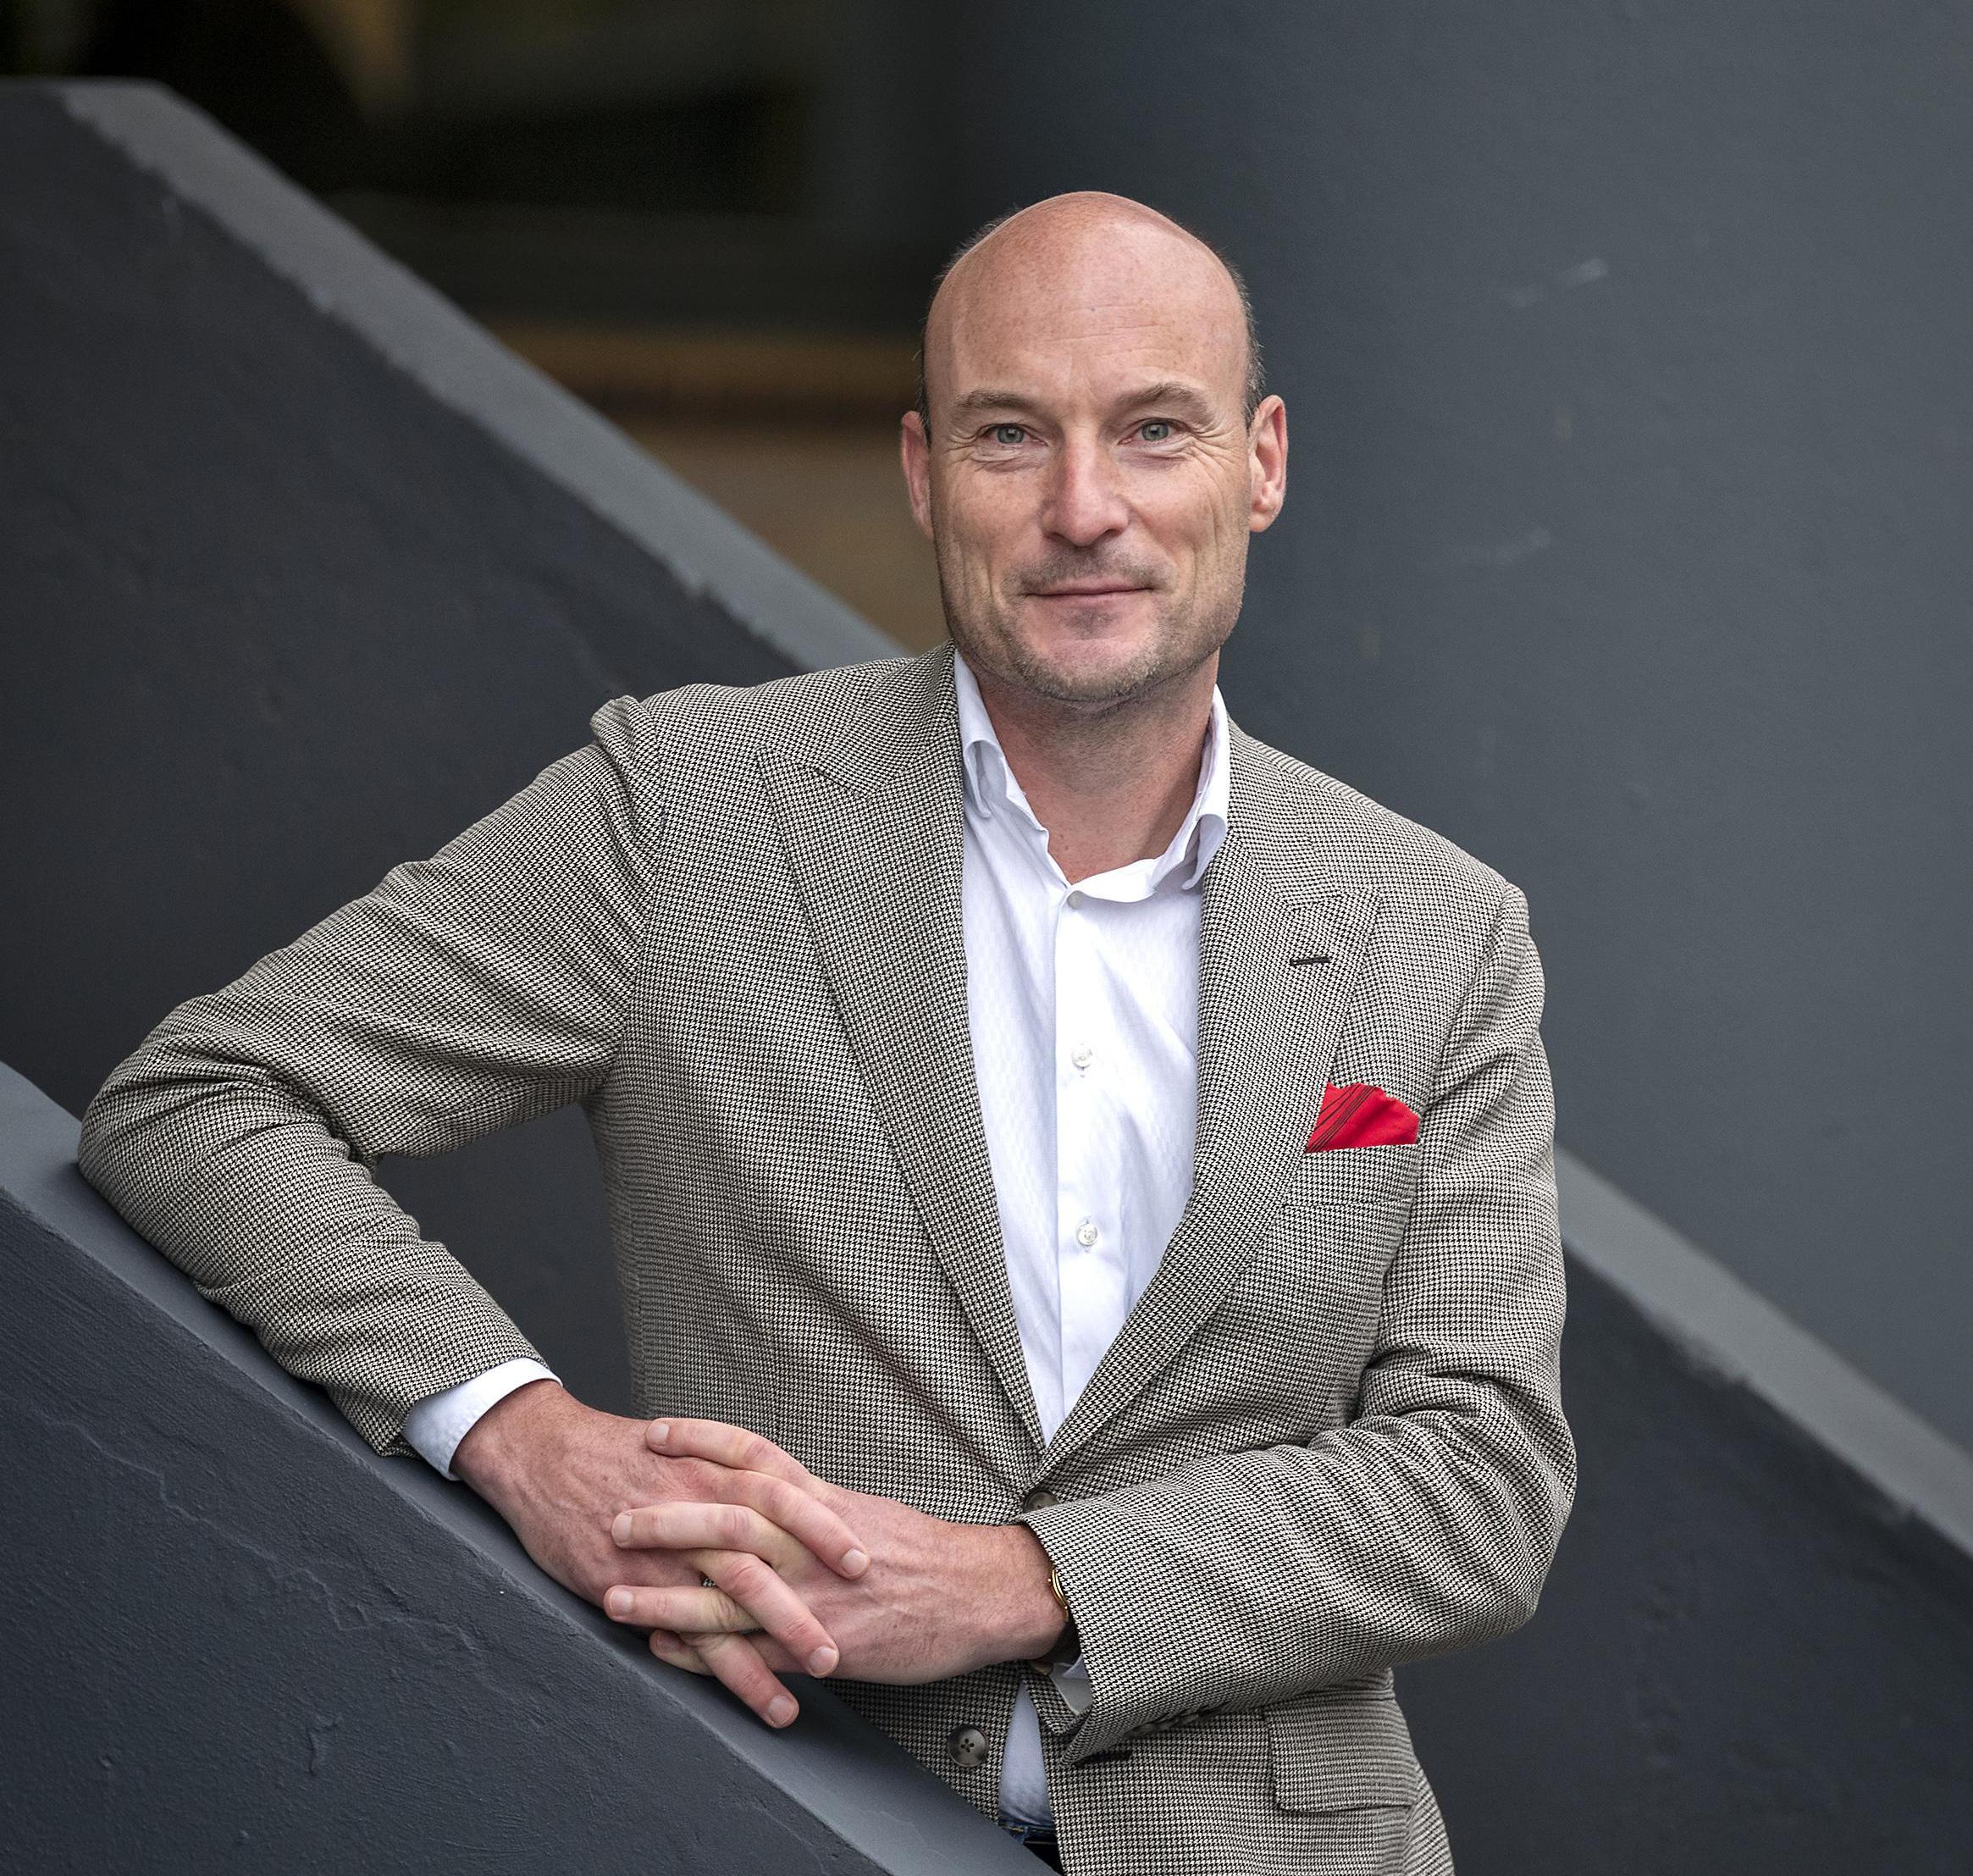 Belangstelling voor tweetalig onderwijs in Haarlem 'niet ongelofelijk veel': 'Ouders weten niet precies wat tweetalig onderwijs is'